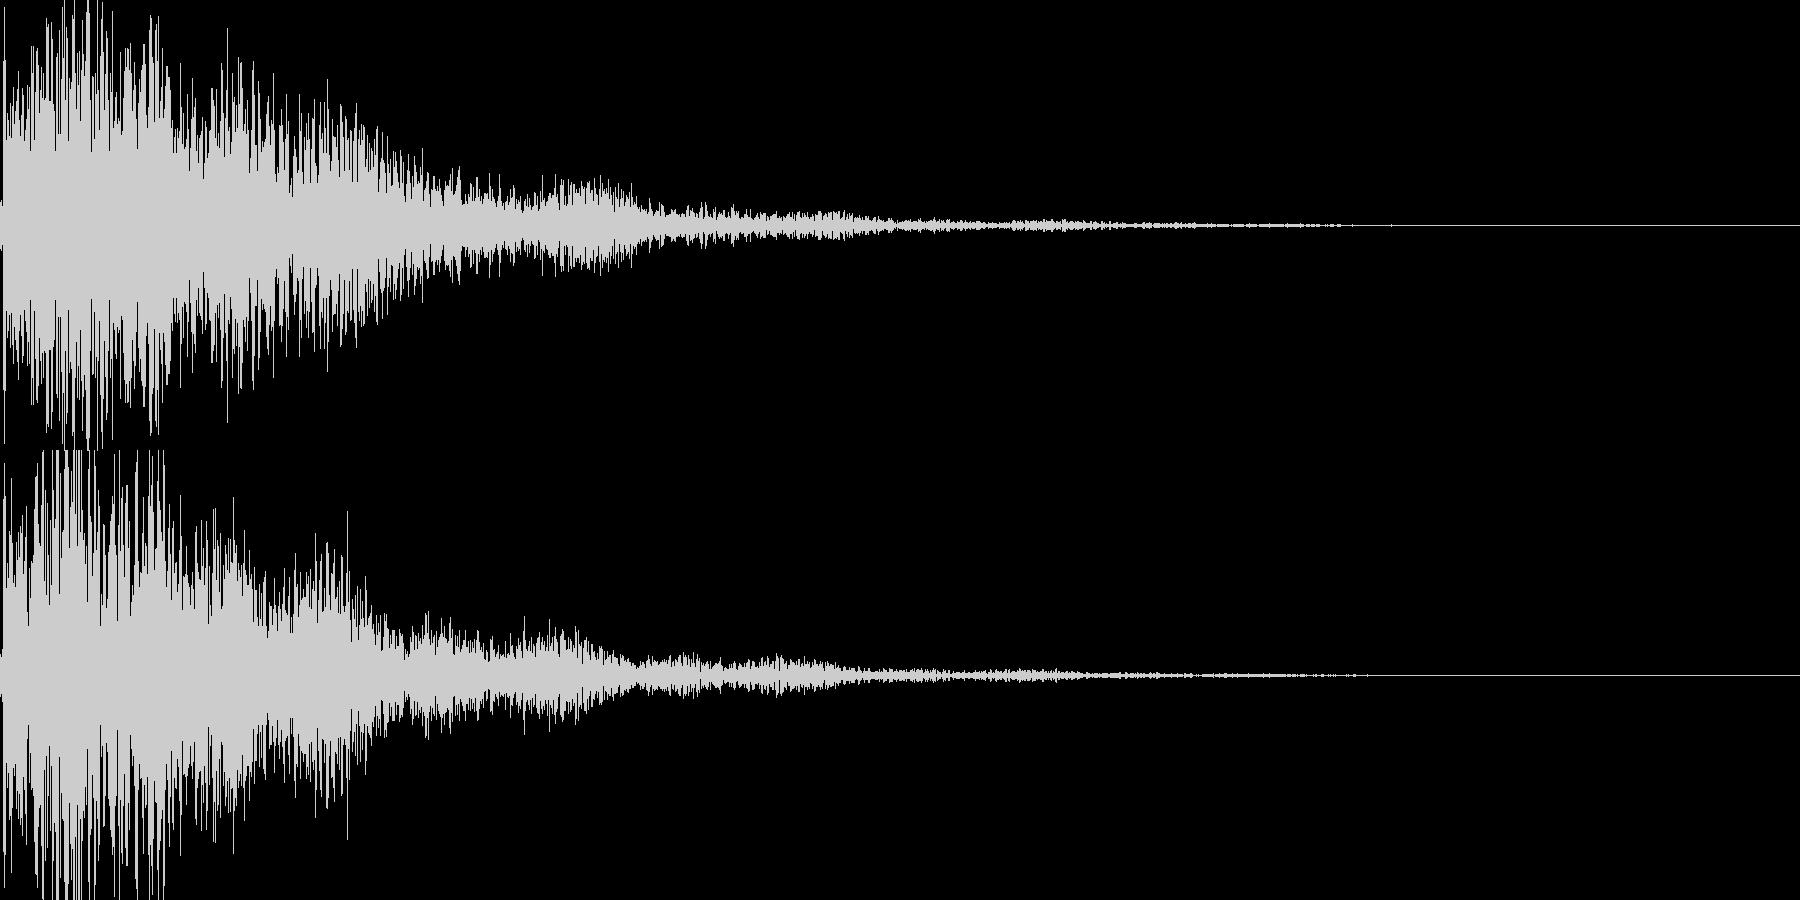 琴と太鼓の和風インパクトジングル! 02の未再生の波形